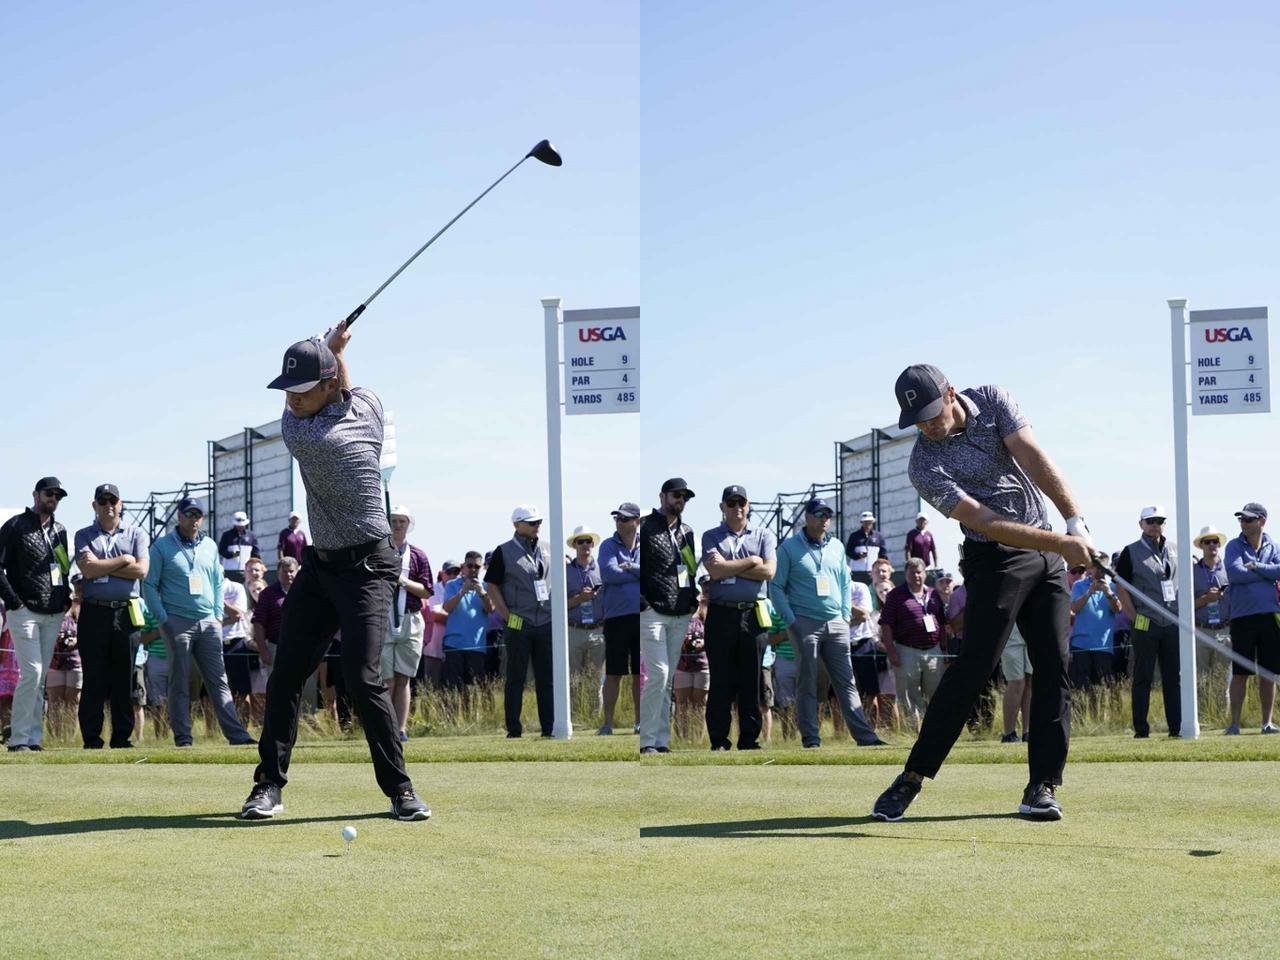 画像: 左肩を軸にしてスウィングするデシャンボー(写真は2018年の全米オープン 撮影/服部謙二郎)